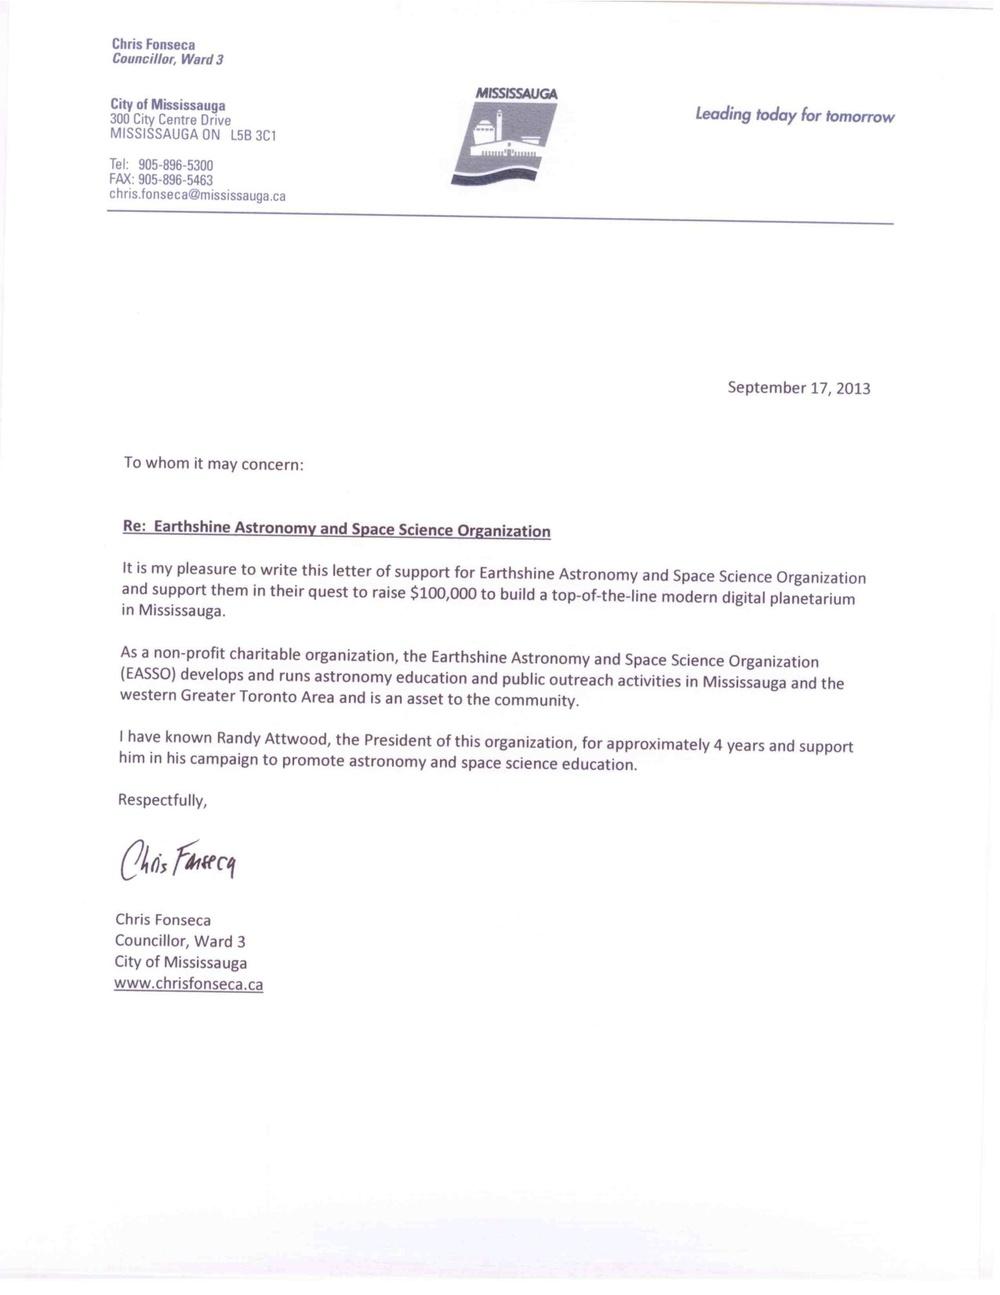 Fonseca letter.jpg